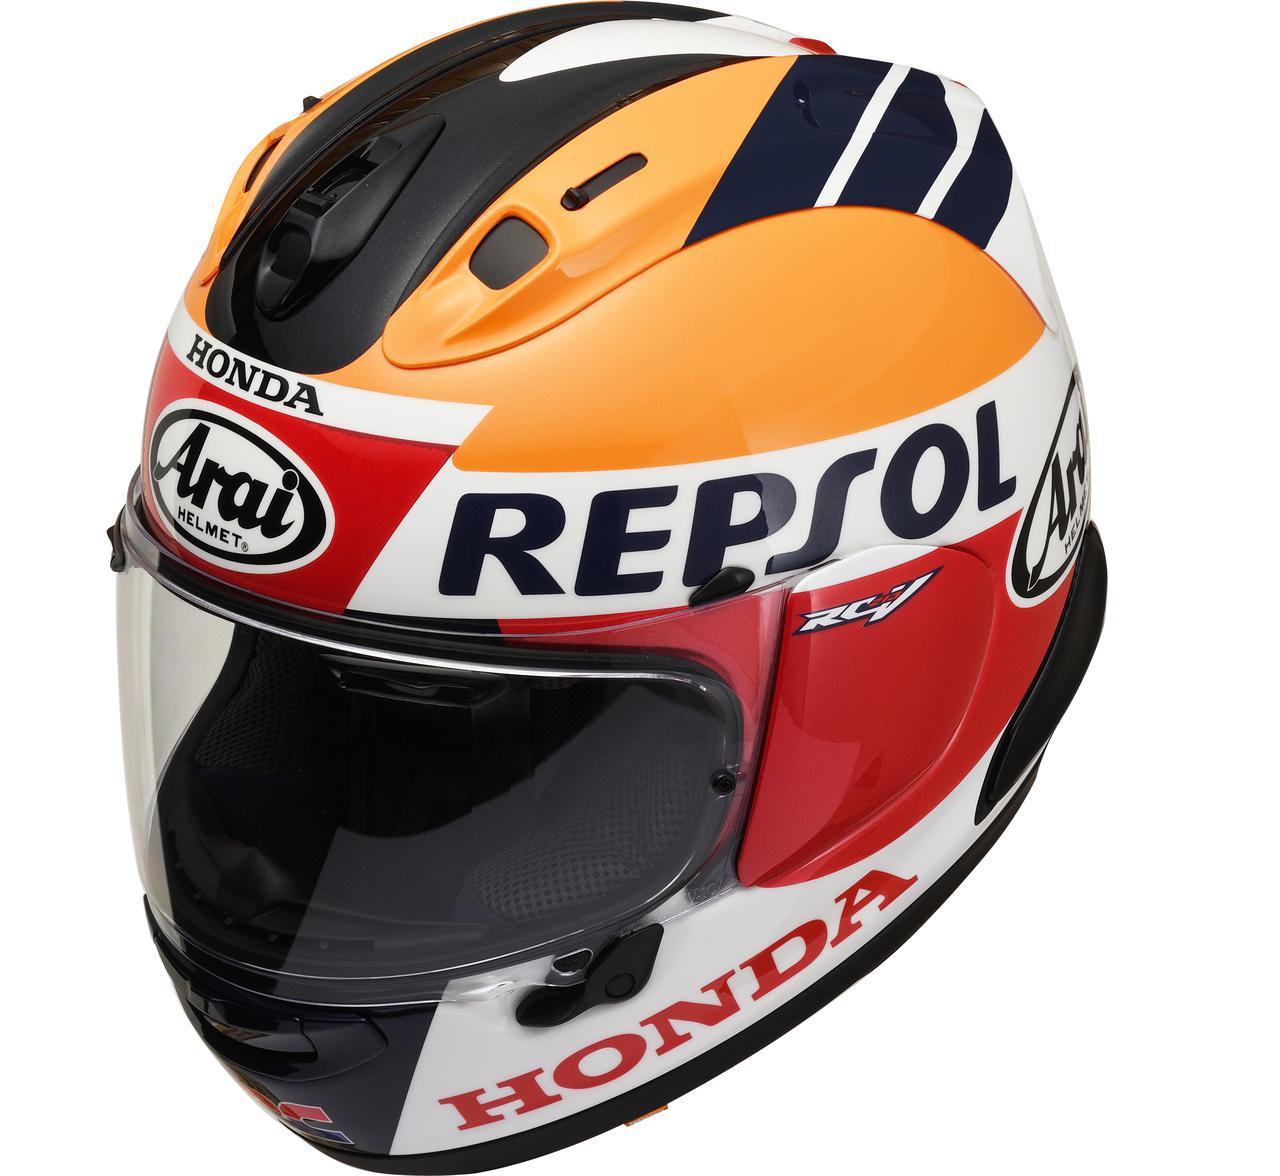 画像: ホンダがWGP800勝を記念した「アライ RX-7X レプソル」を発表! 800個限定のプレミアムヘルメット - webオートバイ